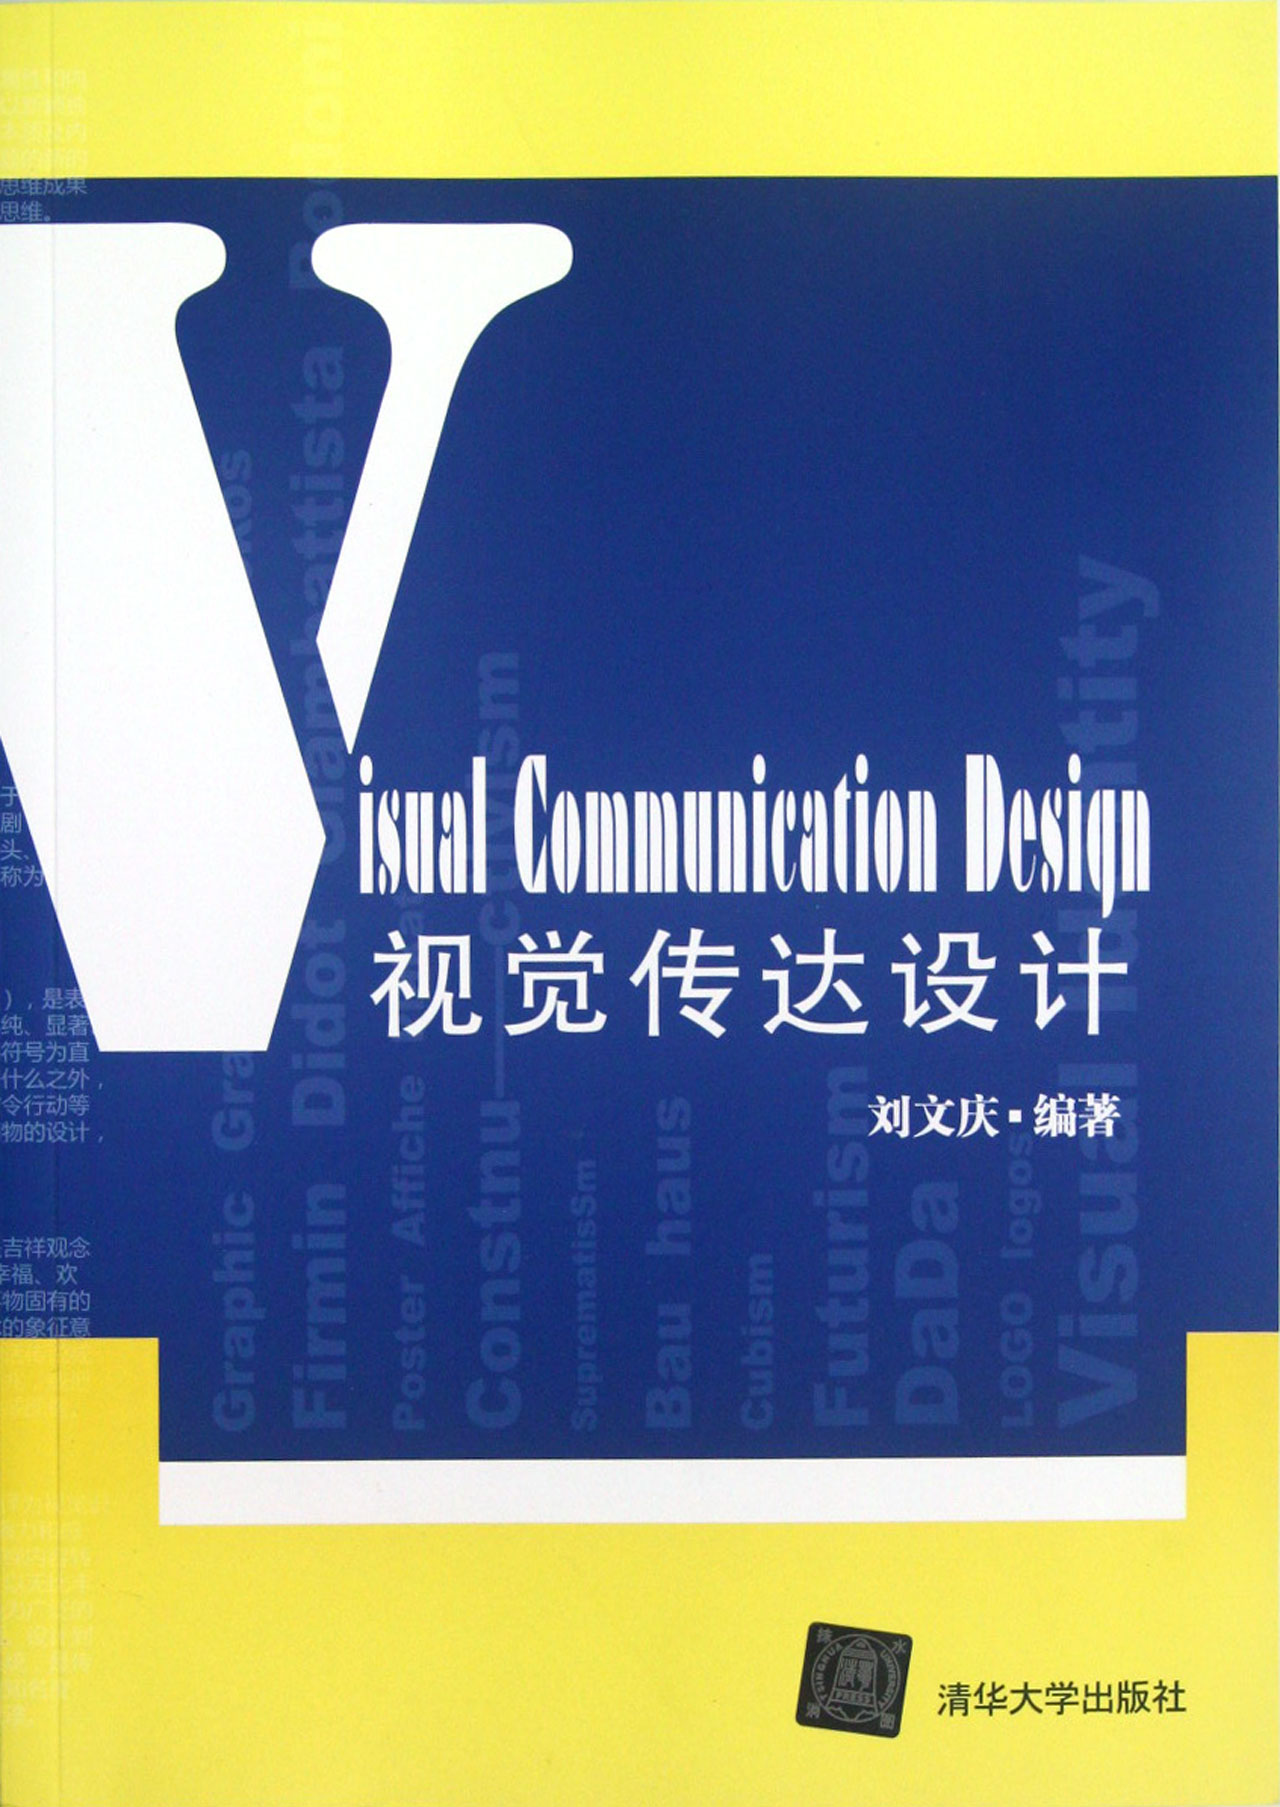 視覺傳達設計-博庫網